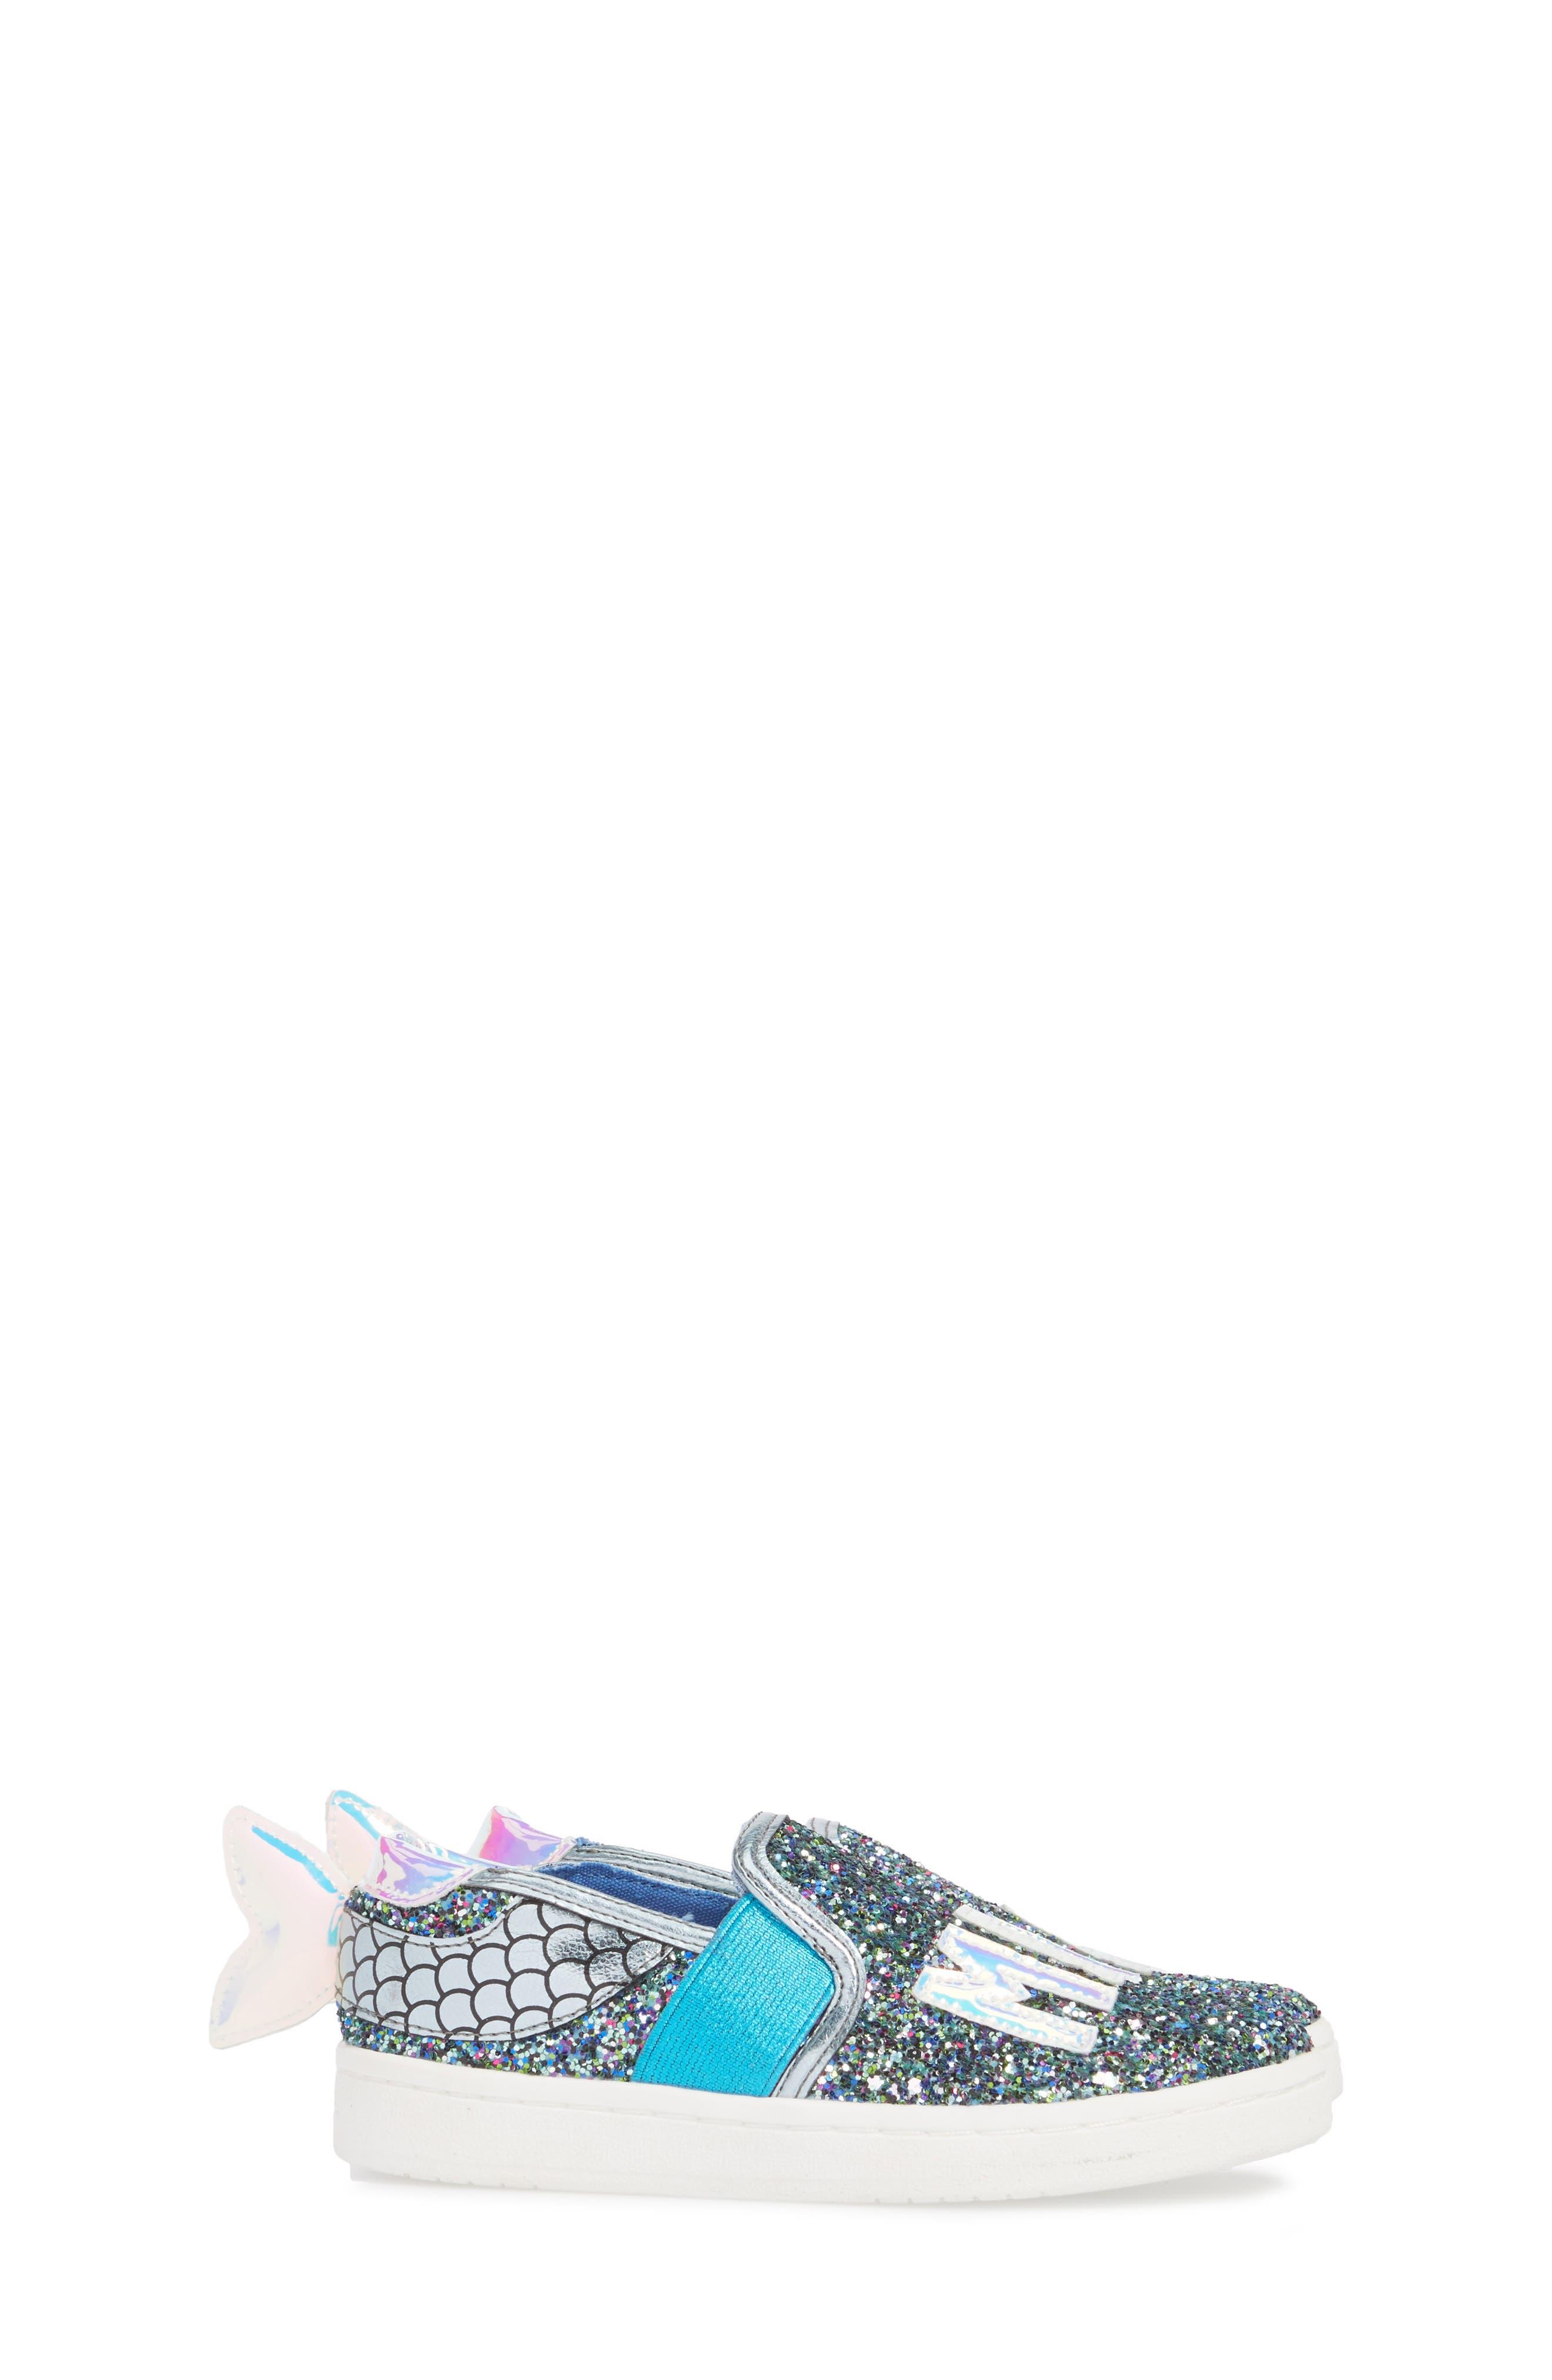 Blane Slip-On Sneaker,                             Alternate thumbnail 3, color,                             Blue Glitter